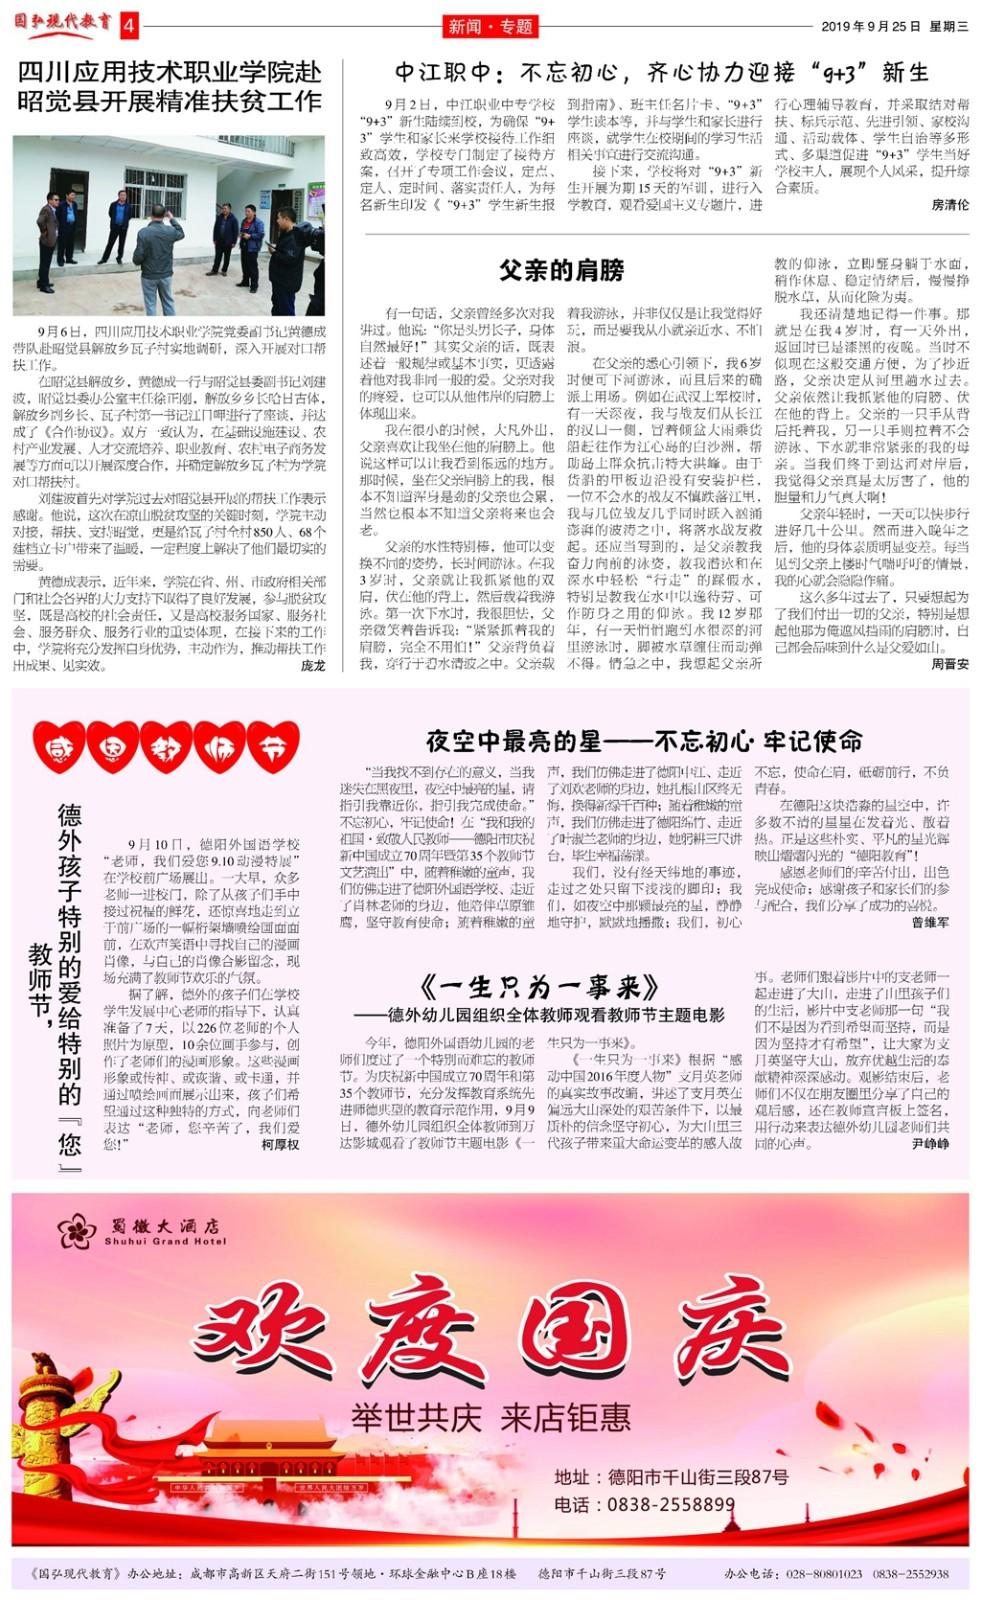 中江县人民政府_集团电子报(第114期)_集团电子报_四川现代教育集团